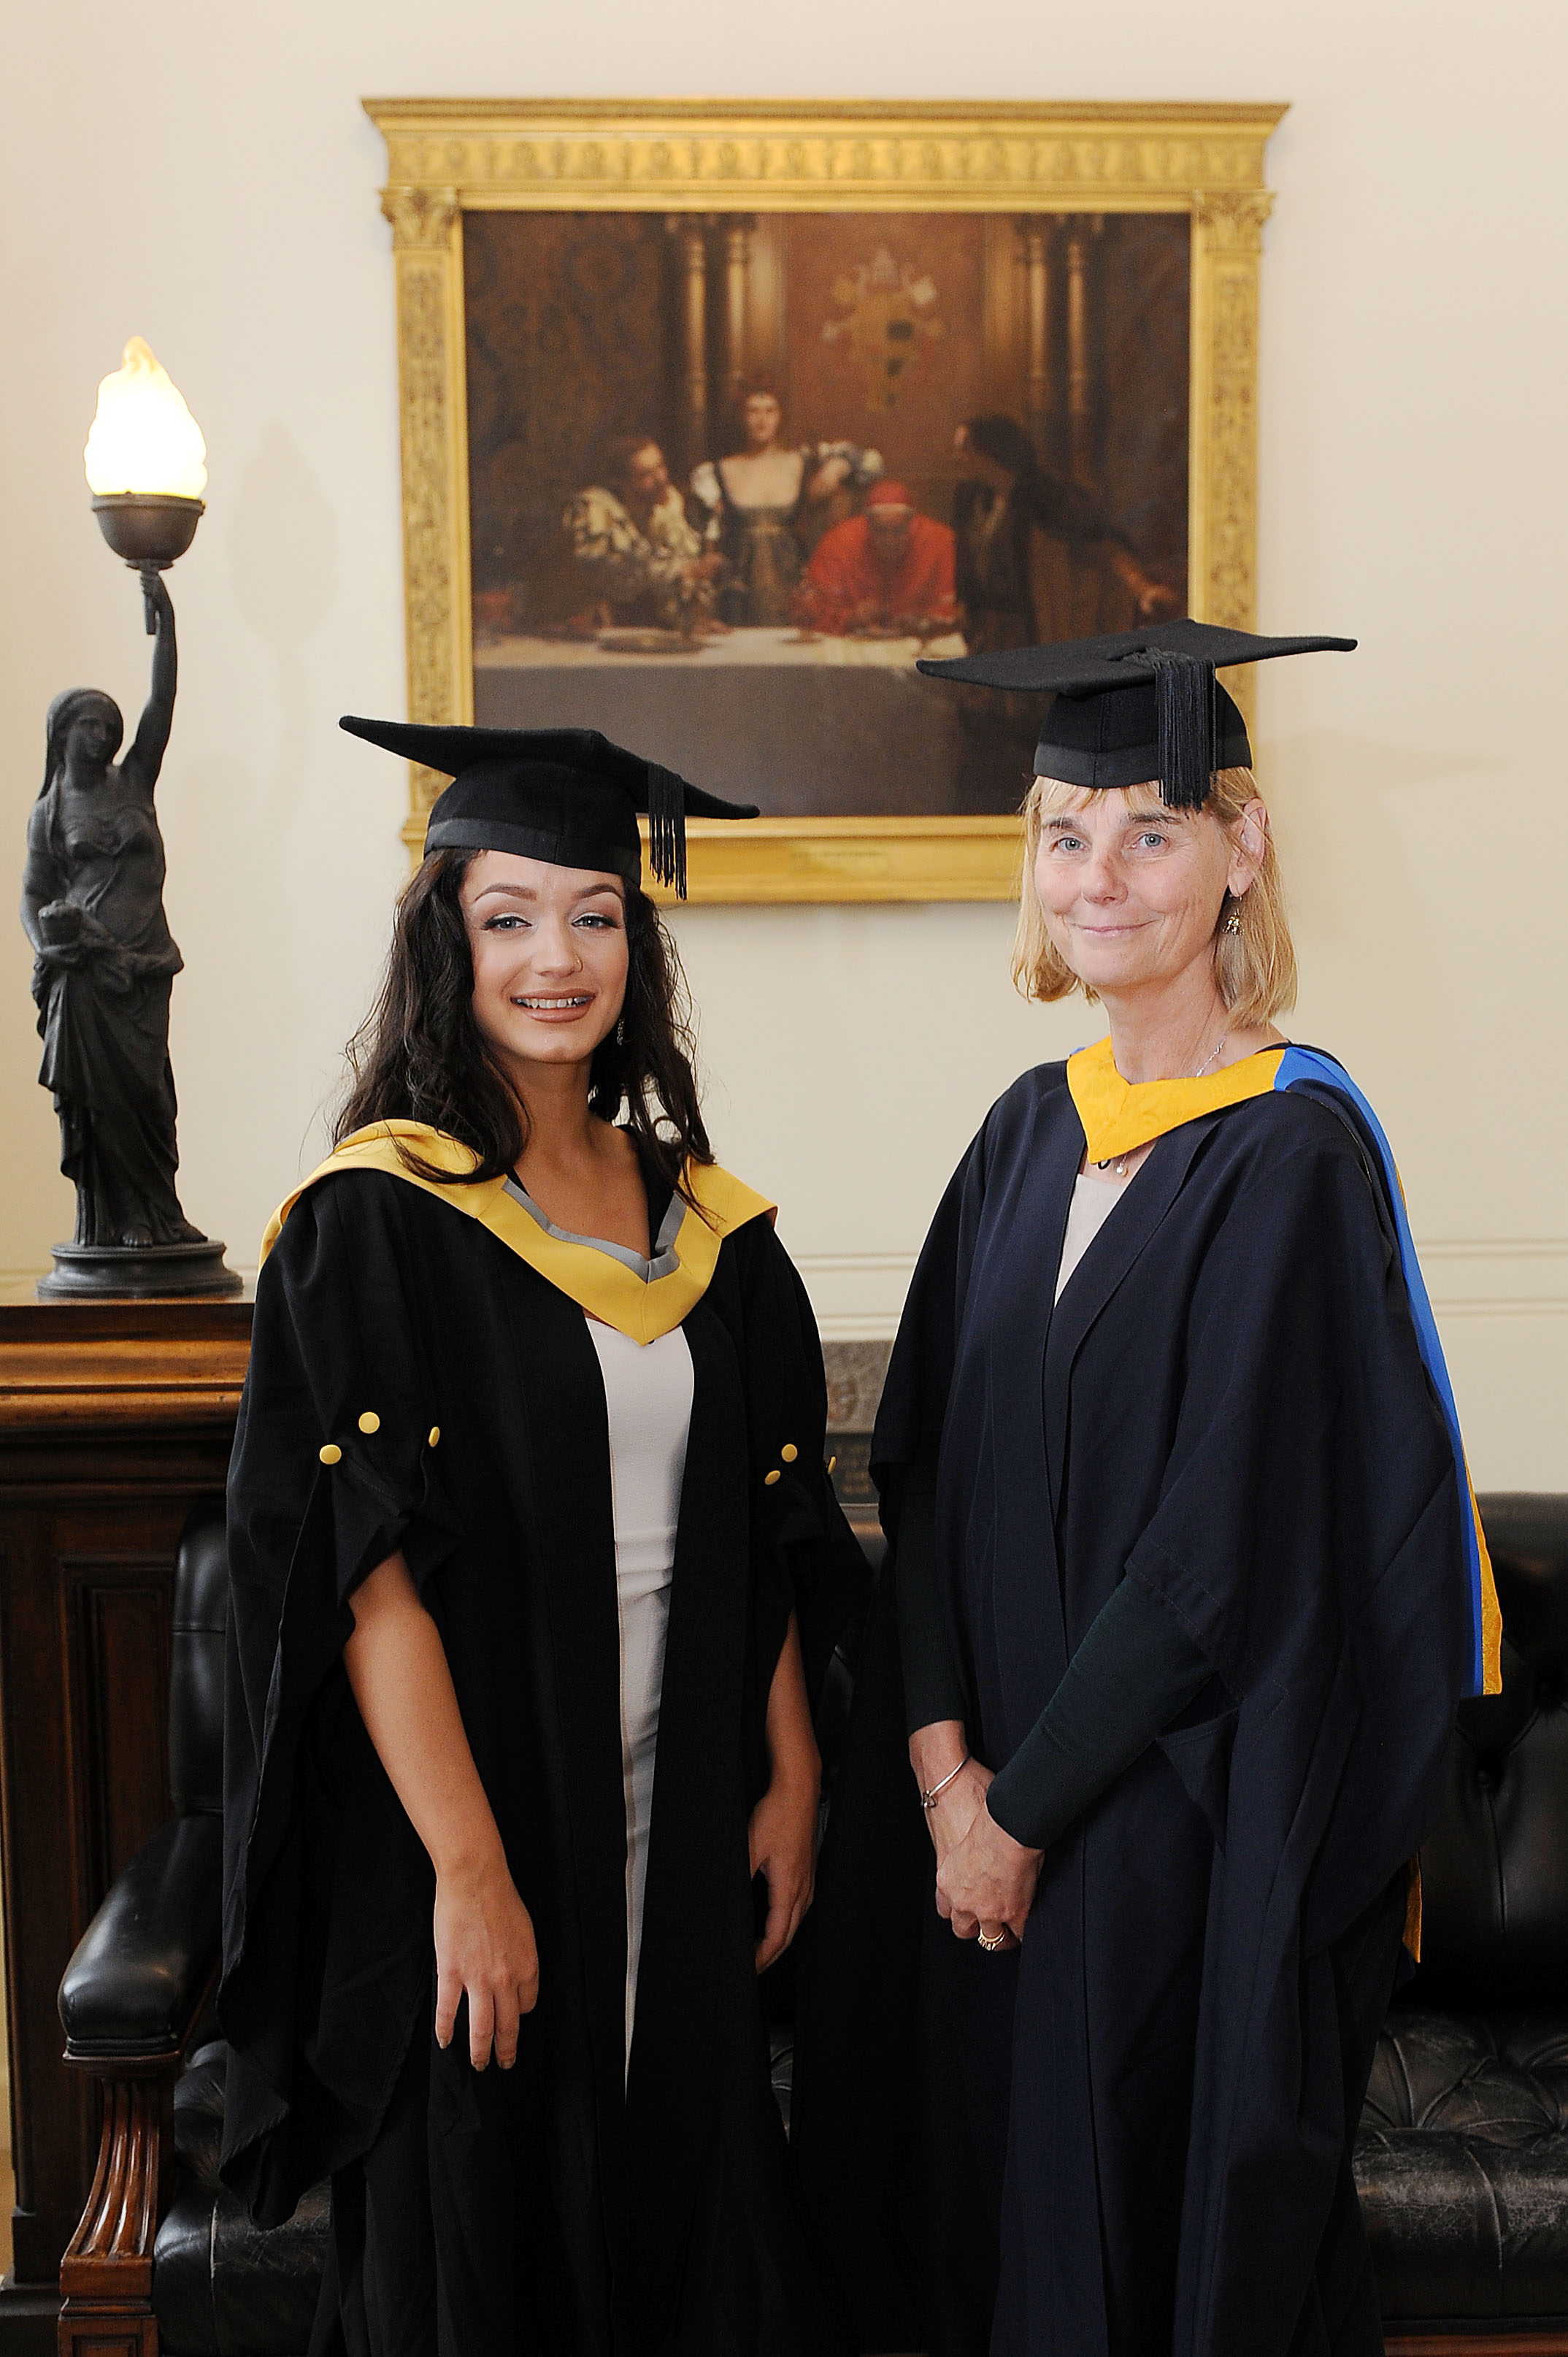 Millie Osman and Sarah Todd University of Suffolk